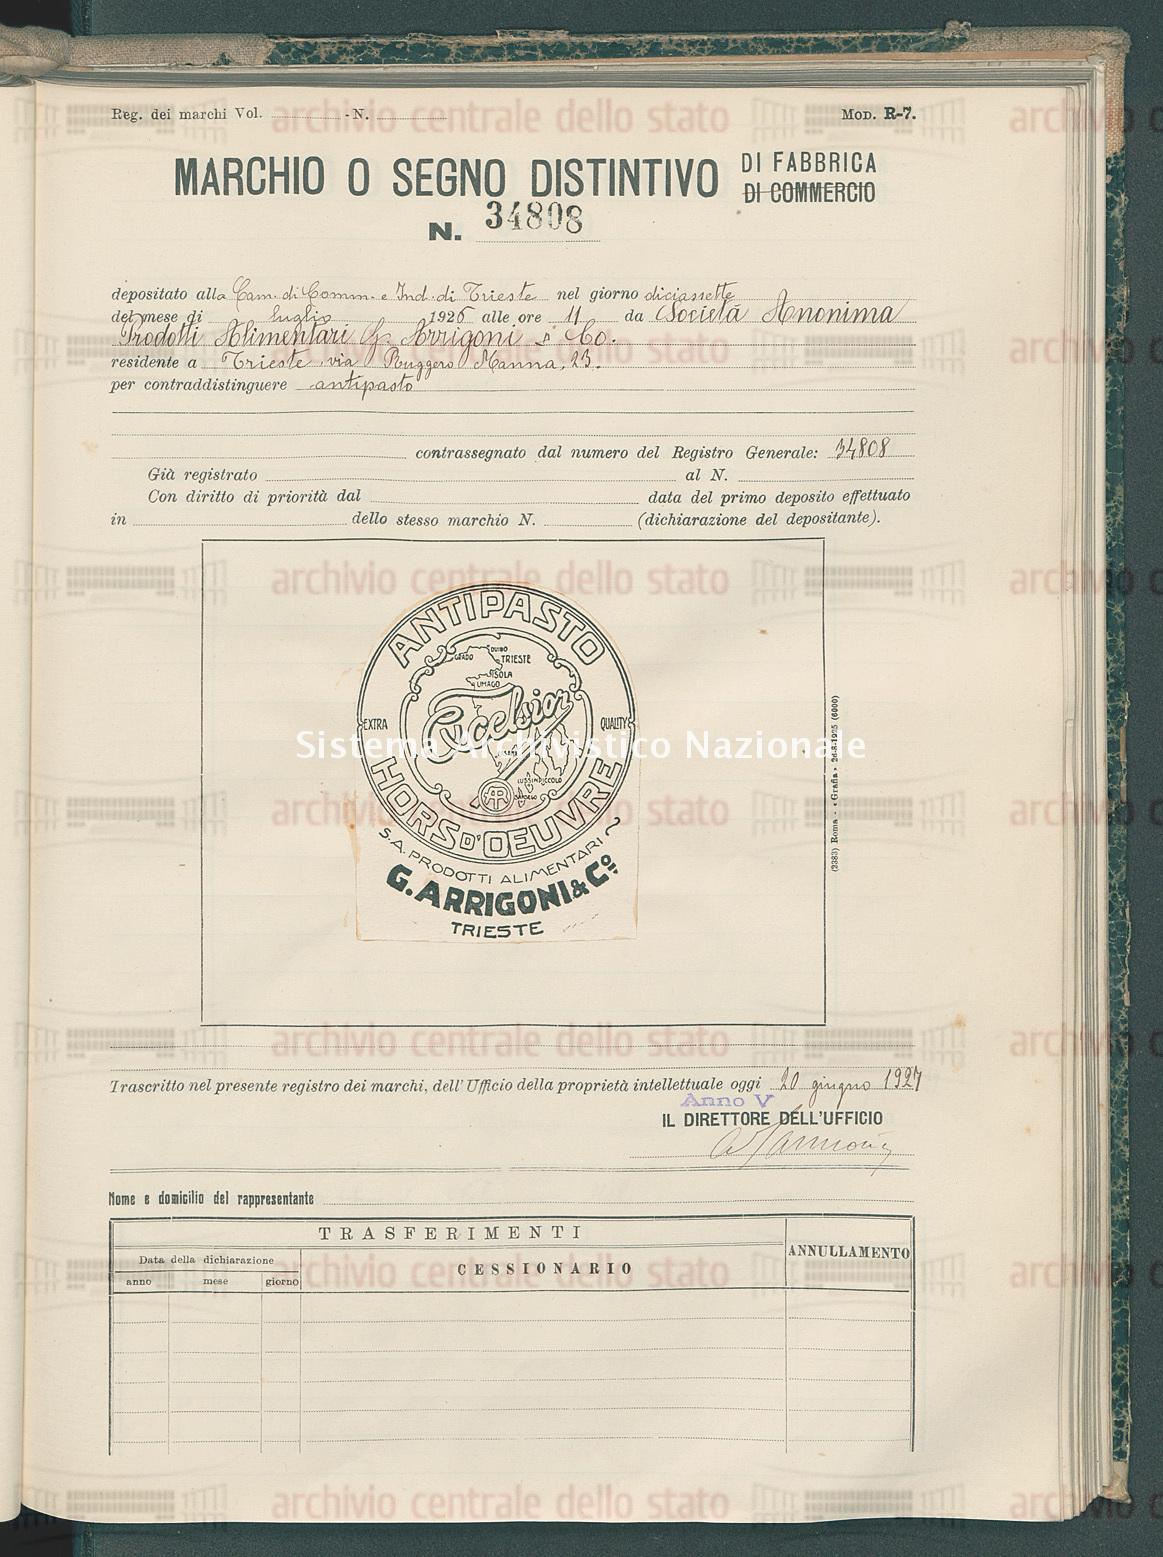 Antipasto Societa' Anonima Prodotti Alimentari G. Arrigoni & Co. (20/06/1927)